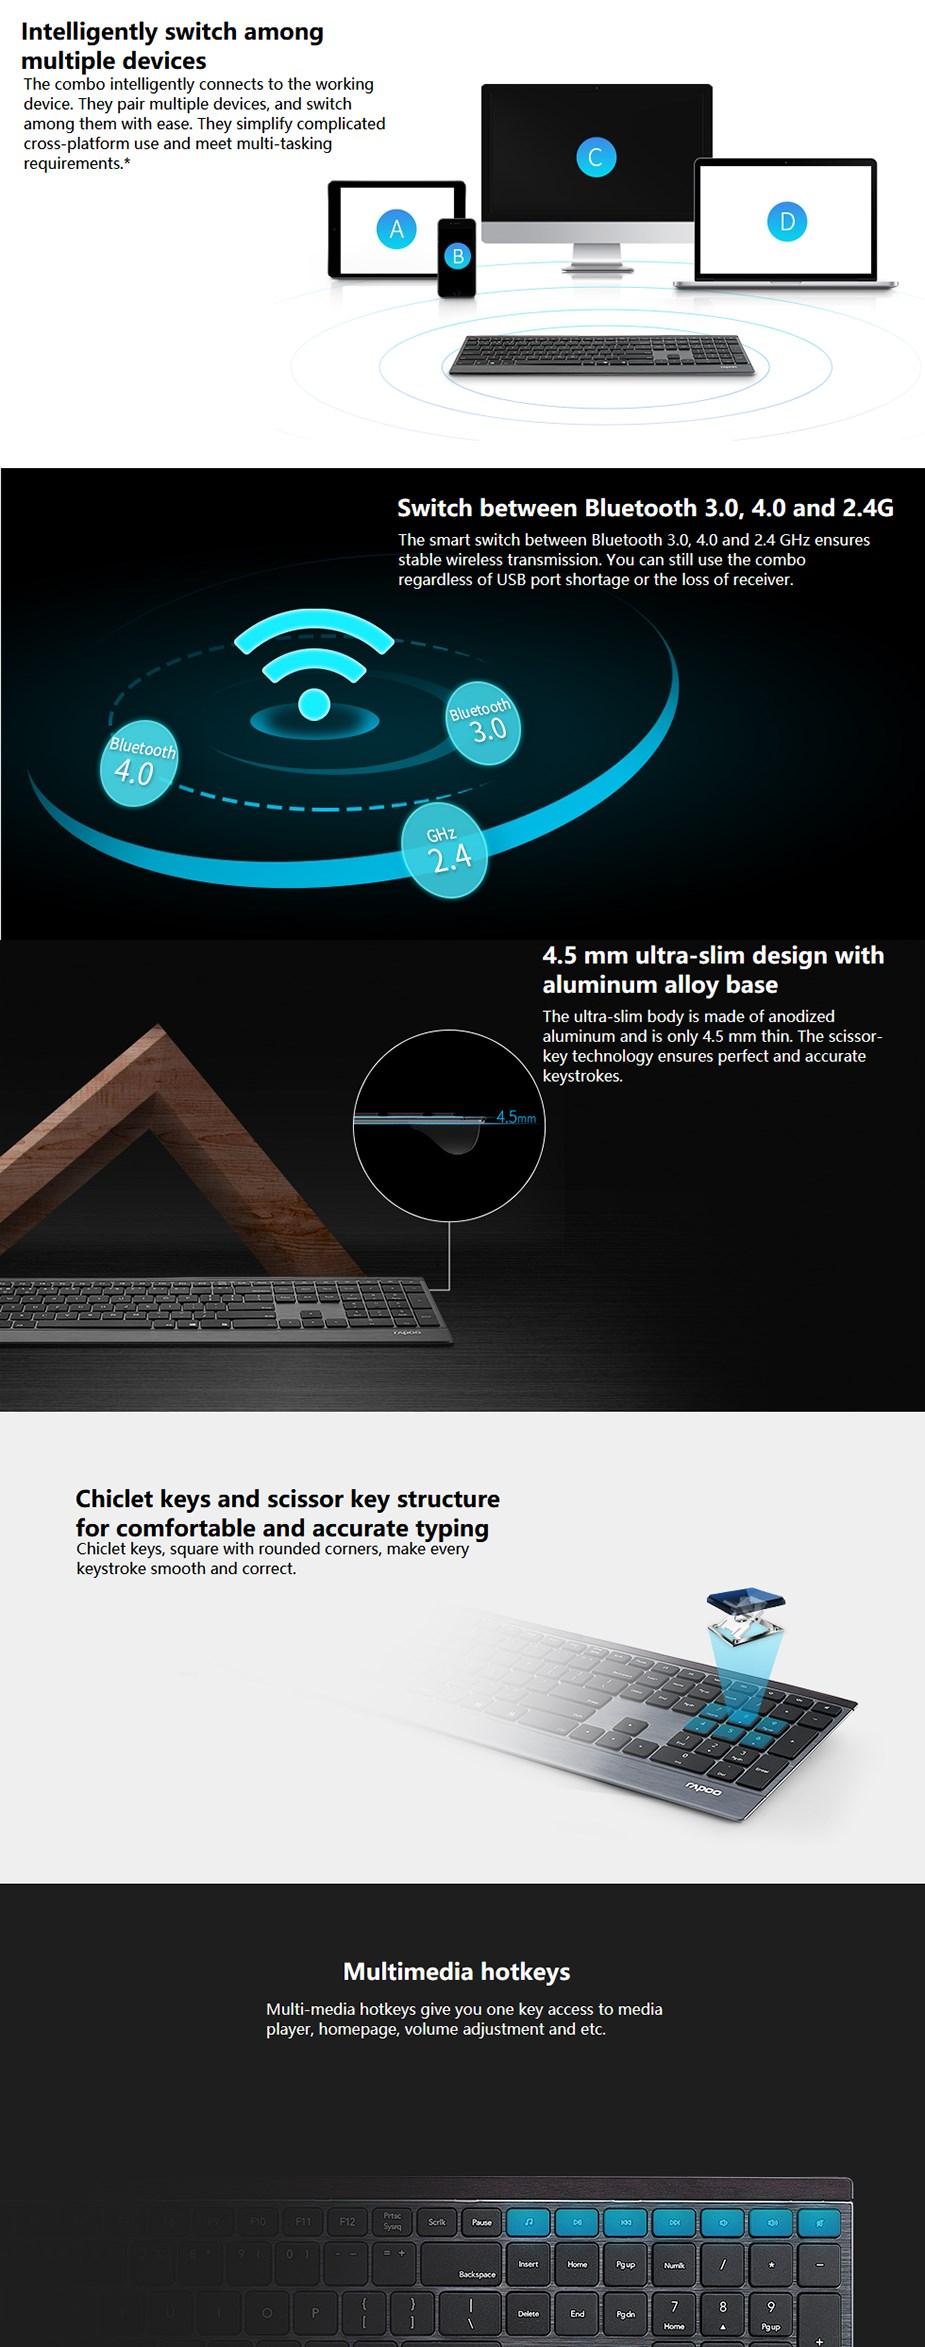 Rapoo E9500 Multi-mode Ultra Slim Wireless Keyboard - Overview 1